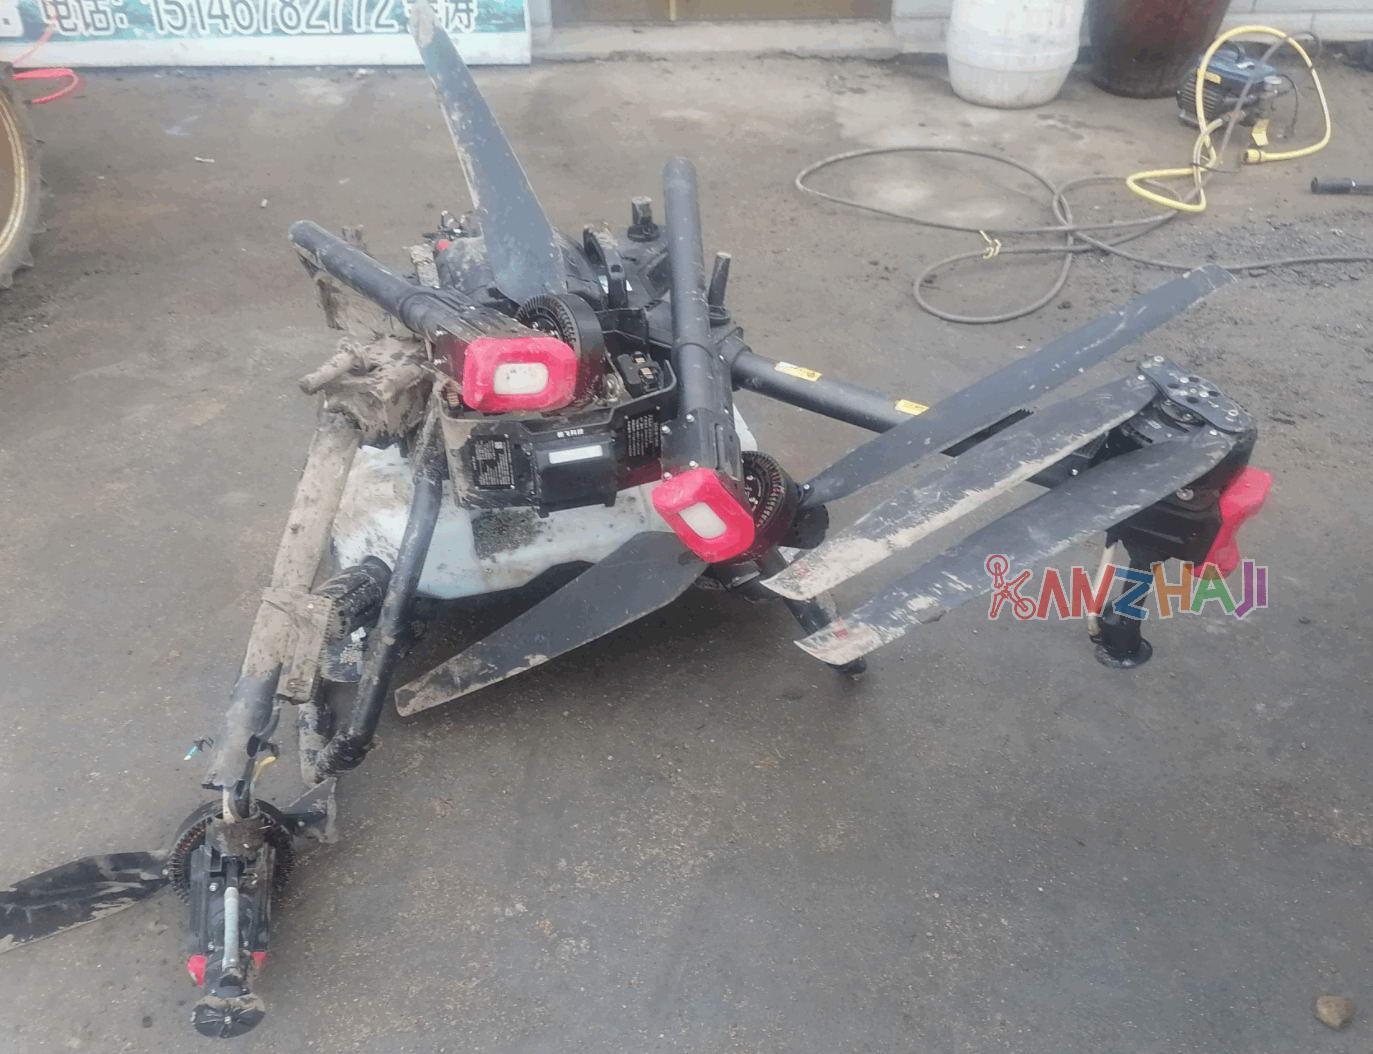 网曝极飞农业无人机P80频炸机 机主退不掉、卖不出、修不起